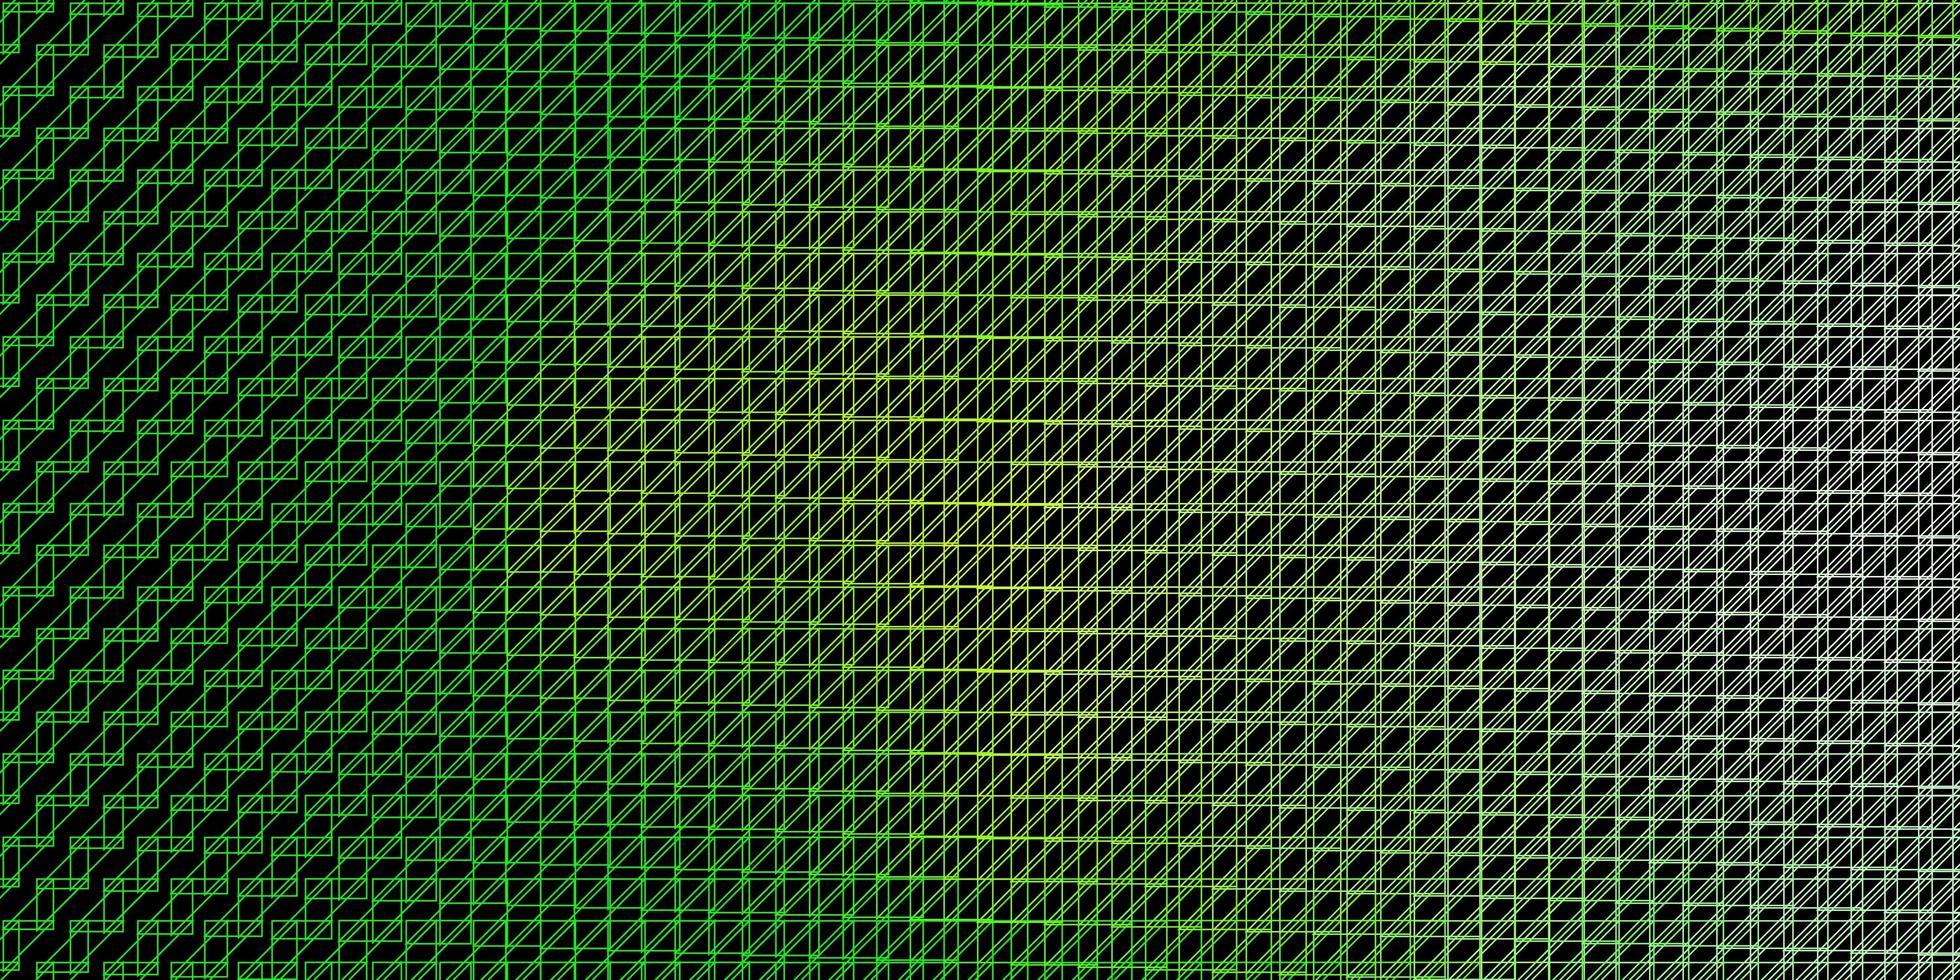 mörkgrön vektor konsistens med linjer.